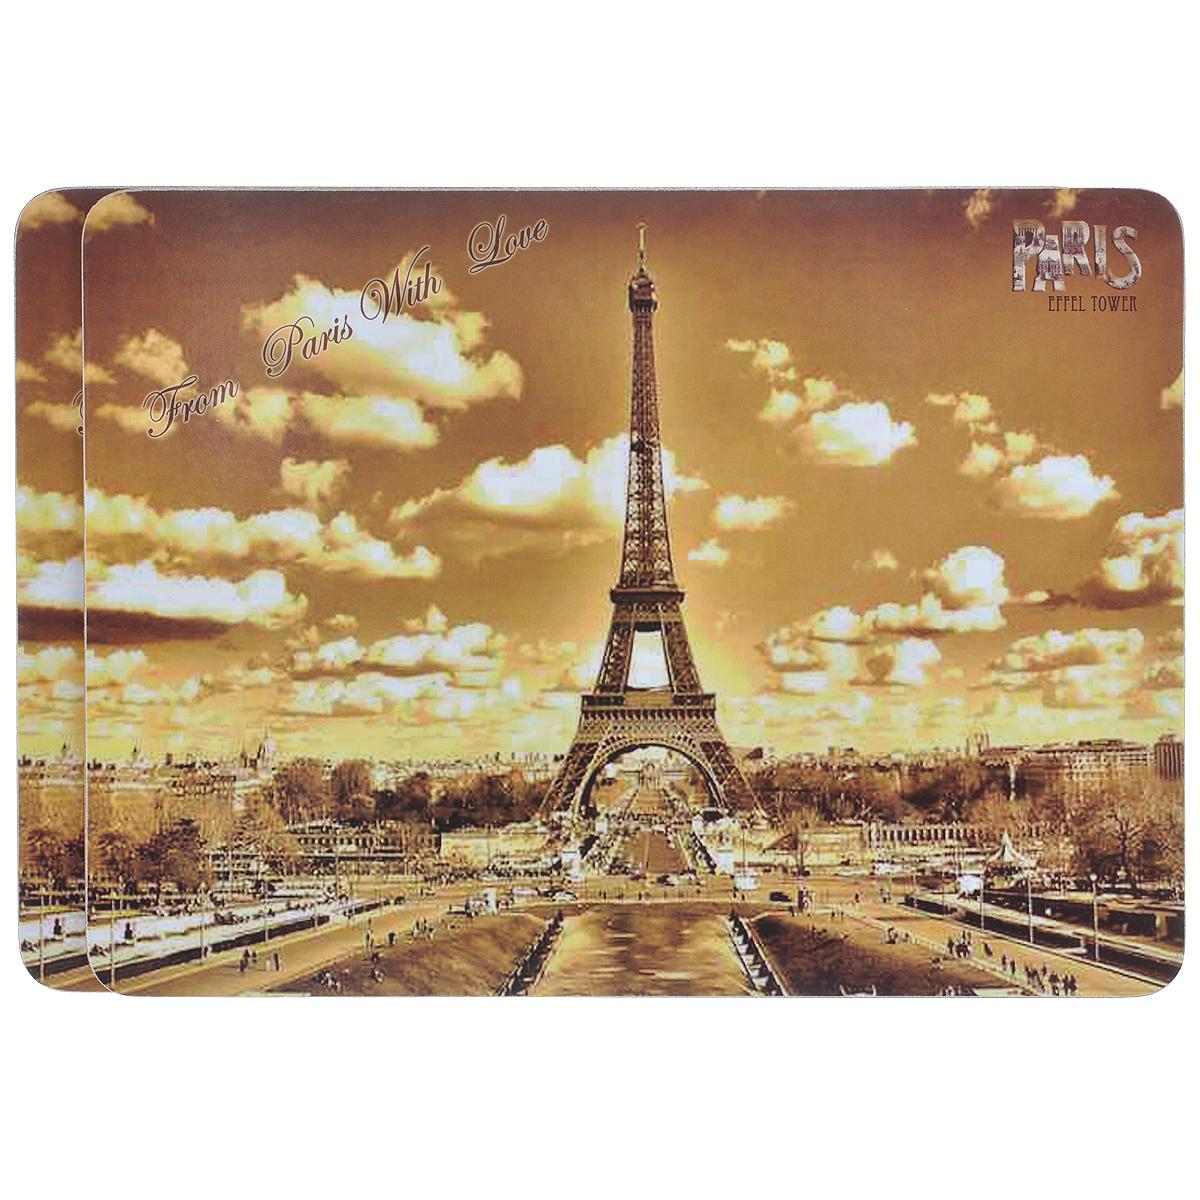 Набор подставок под горячее GiftnHome Из Парижа с любовью, 29 х 21,5 см, 2 штPLM-02-Parislove-VНабор GiftnHome Из Парижа с любовью, выполненный из пробки, состоит из двух подставок под горячее. Изделия, декорированные изображением Эйфелевой башни, идеально впишутся в интерьер современной кухни. Каждая хозяйка знает, что подставка под горячее - это незаменимый и очень полезный аксессуар на каждой кухне. Ваш стол будет не только украшен оригинальными подставками с красивыми рисунками, но и сбережен от воздействия высоких температур ваших кулинарных шедевров. Размер подставки: 29 см х 21,5 см.